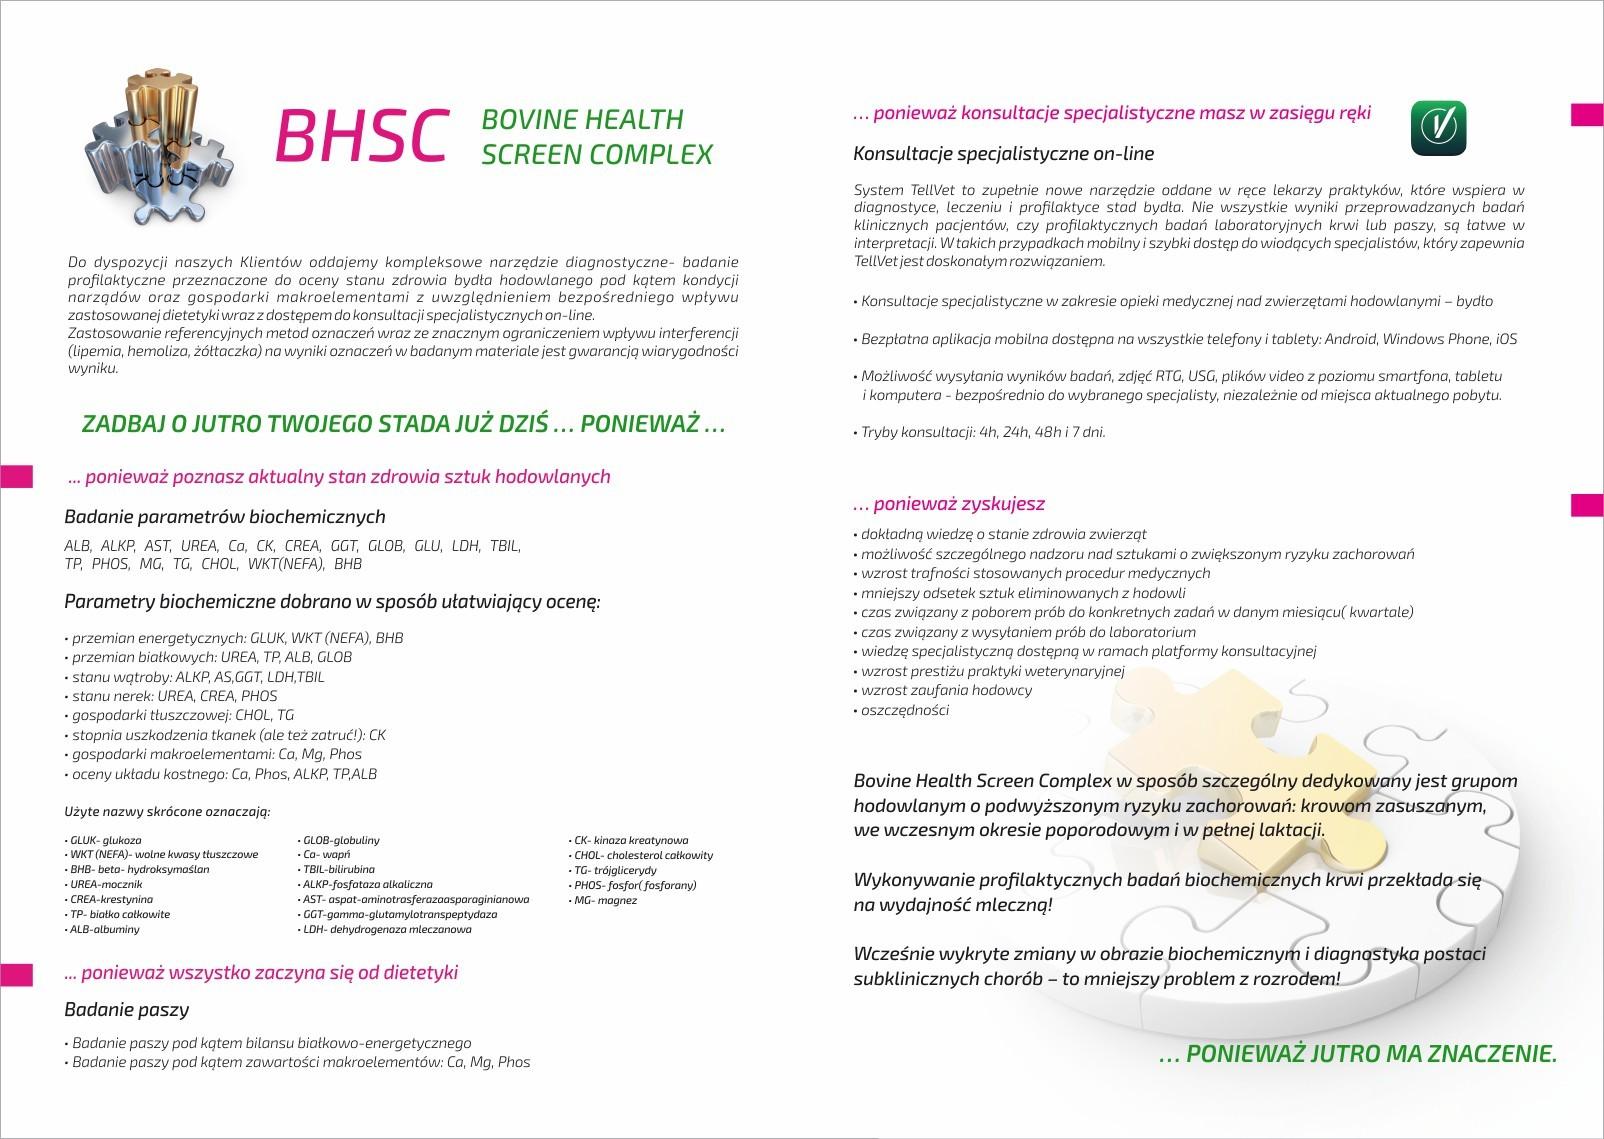 bhsc-podstawowe-informacje